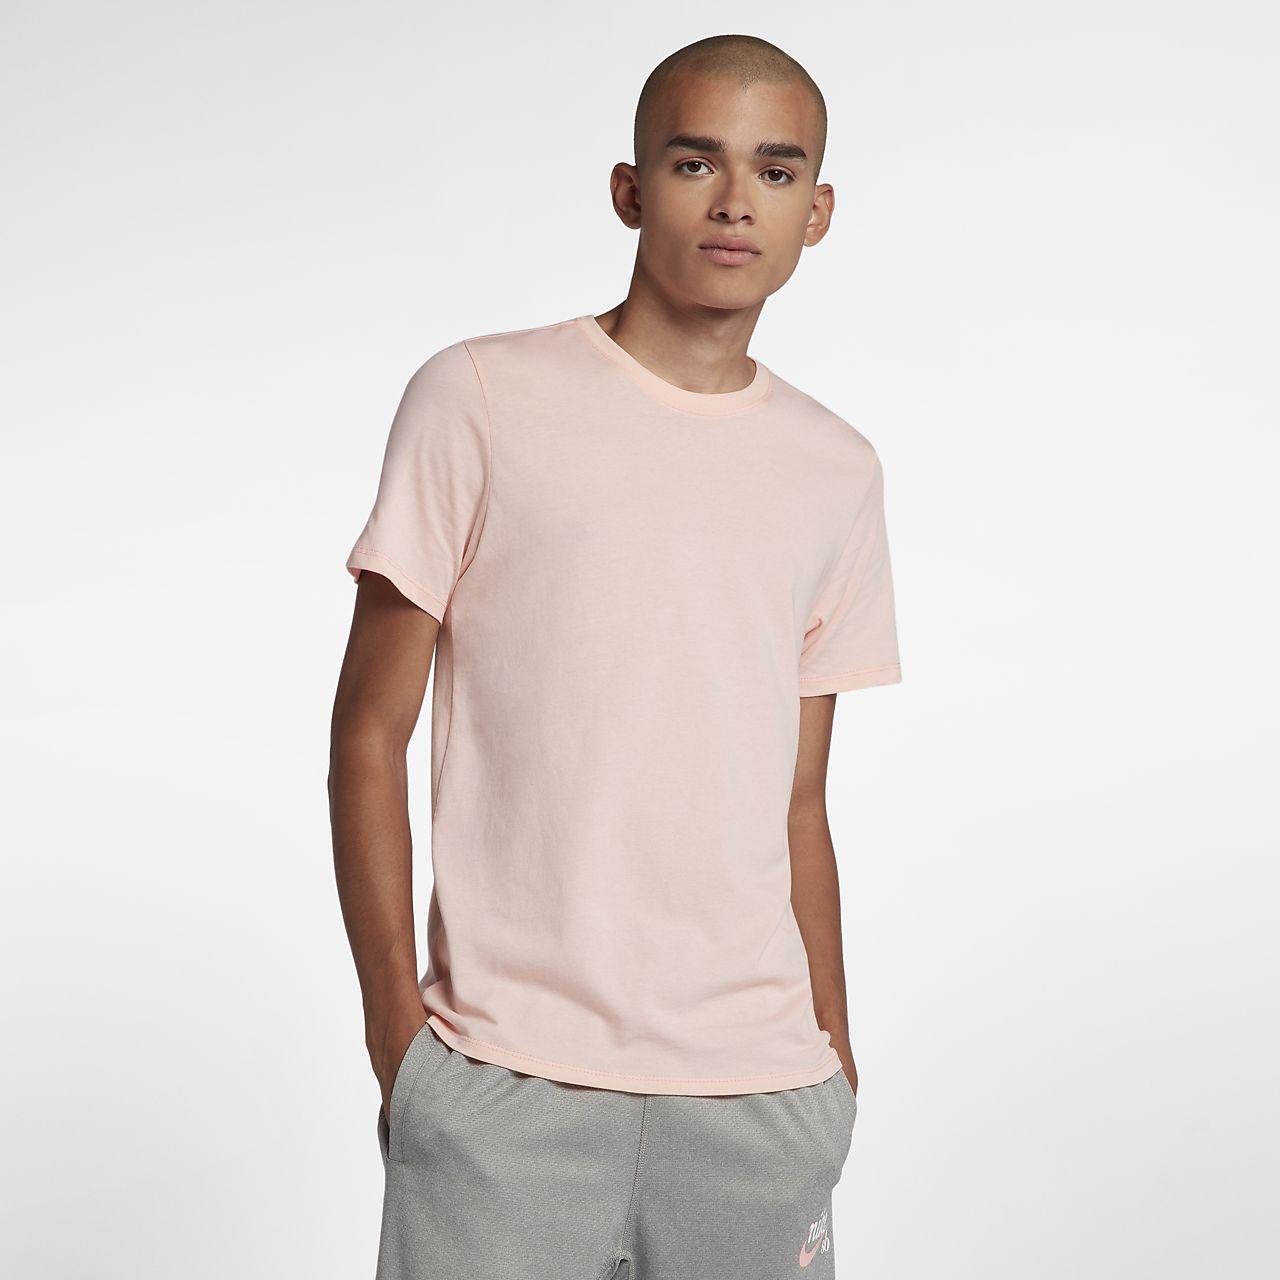 Pánské tričko Nike SB Essential